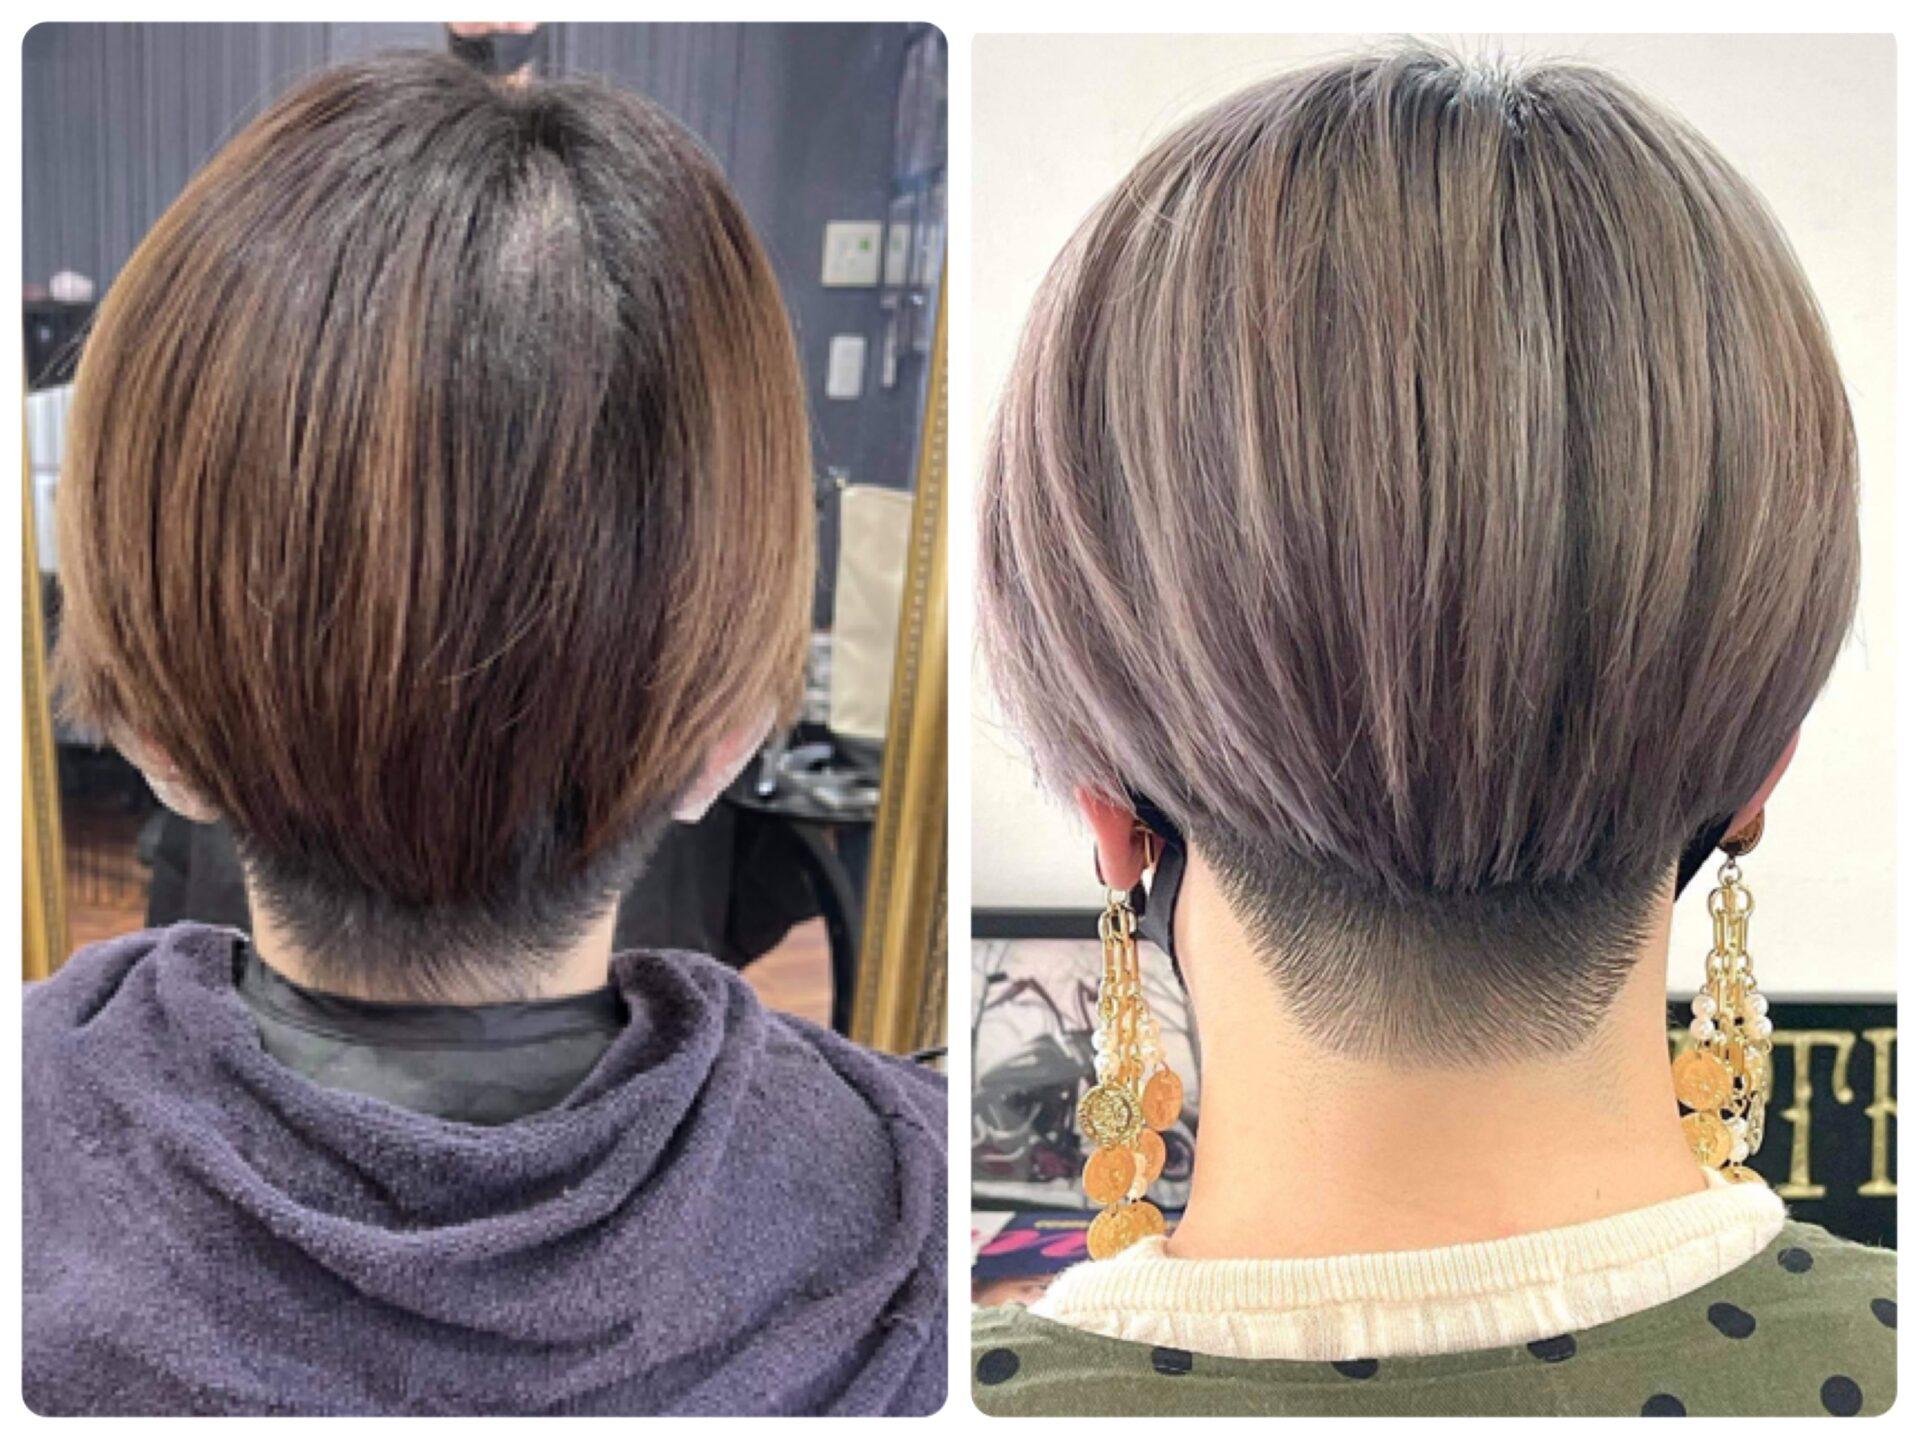 ショート バレイヤージュカラーの髪型・髪色